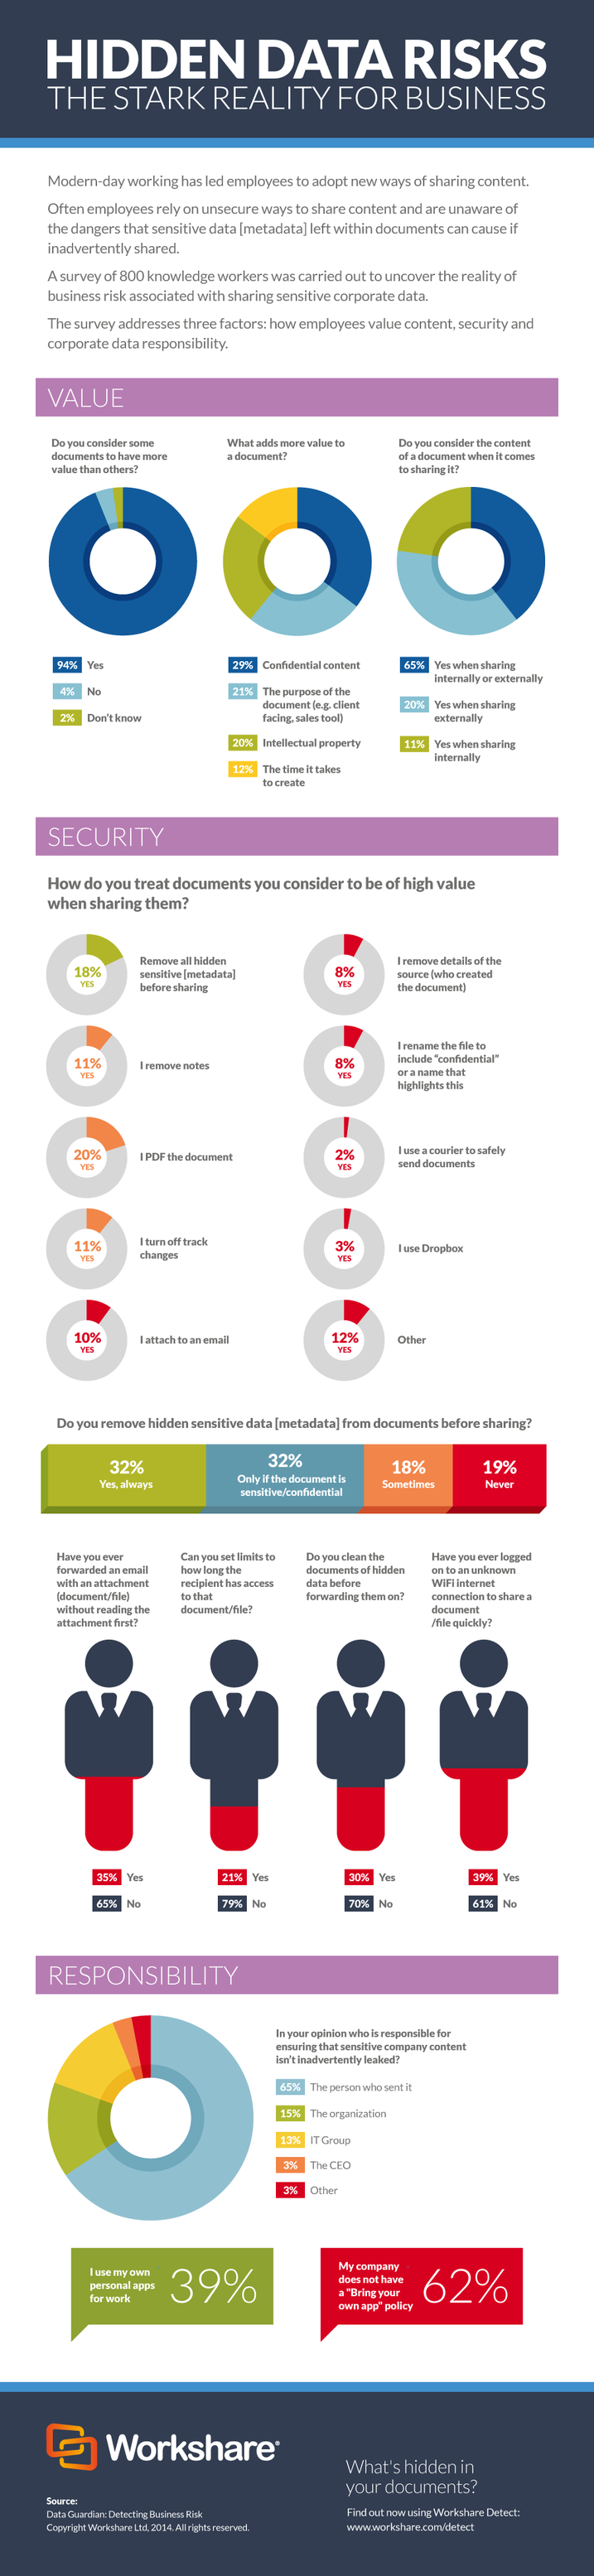 HIDDEN DATA RISKS: THE STARK REALITY FOR BUSINESS